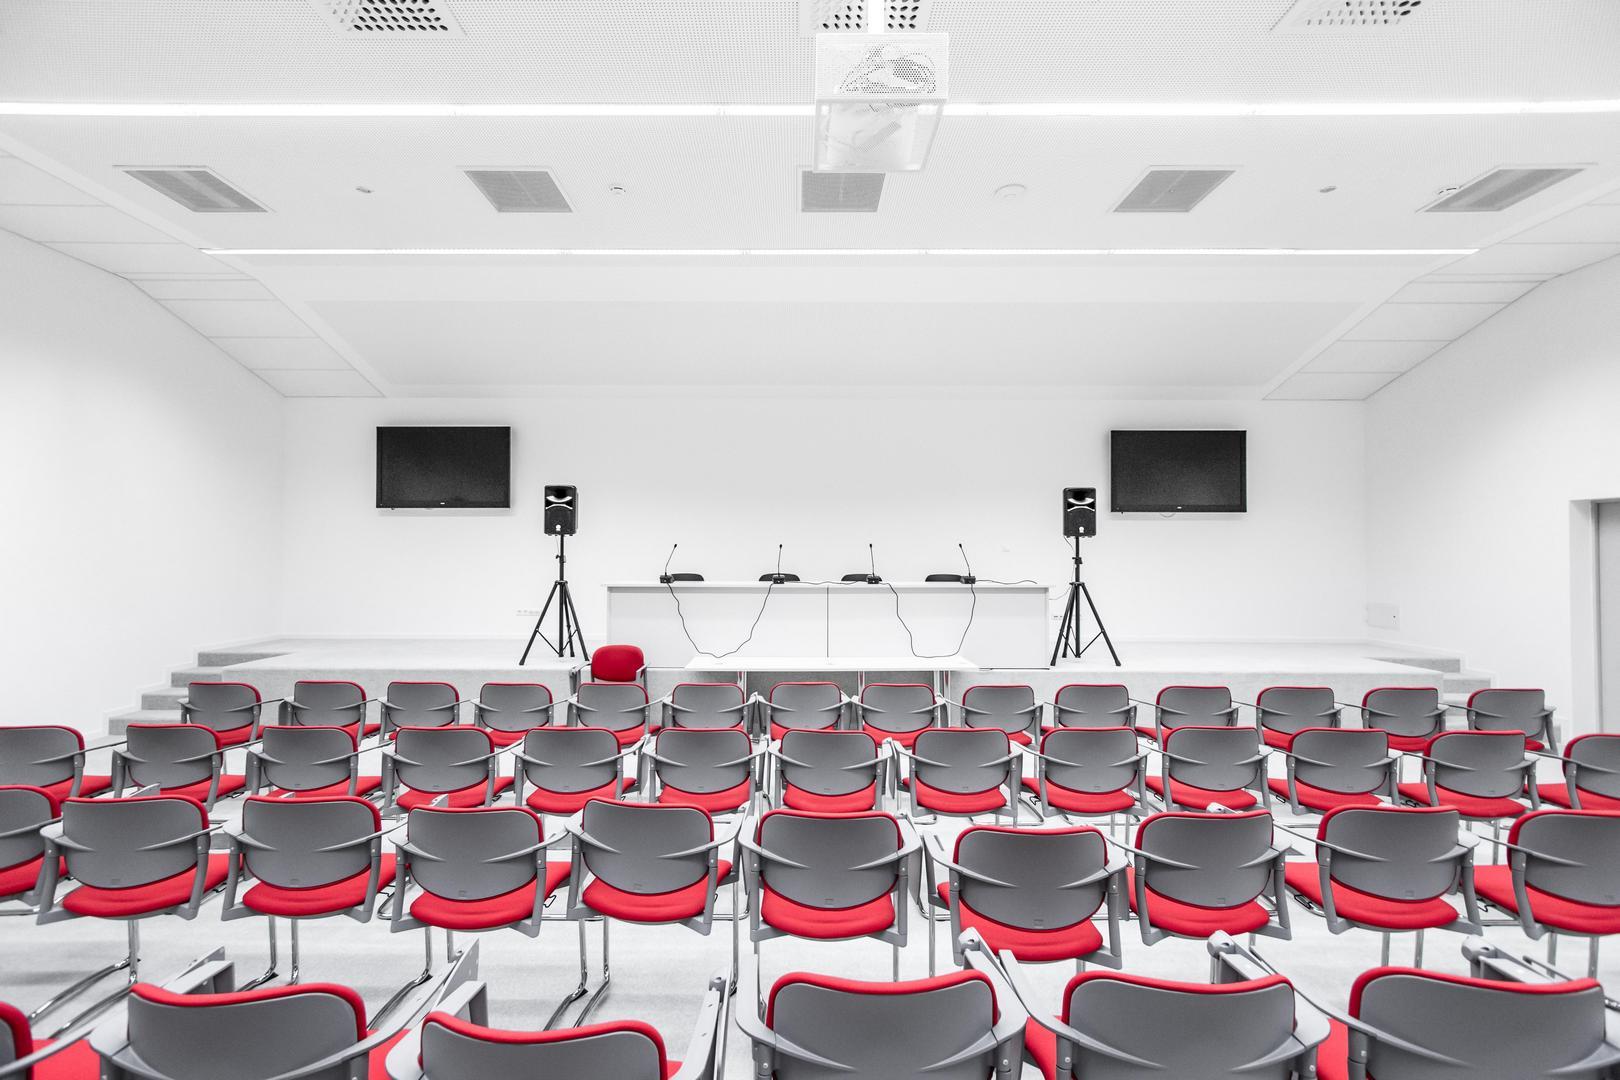 Konferencia- és sajtószoba a Nagyerdei Stadionban